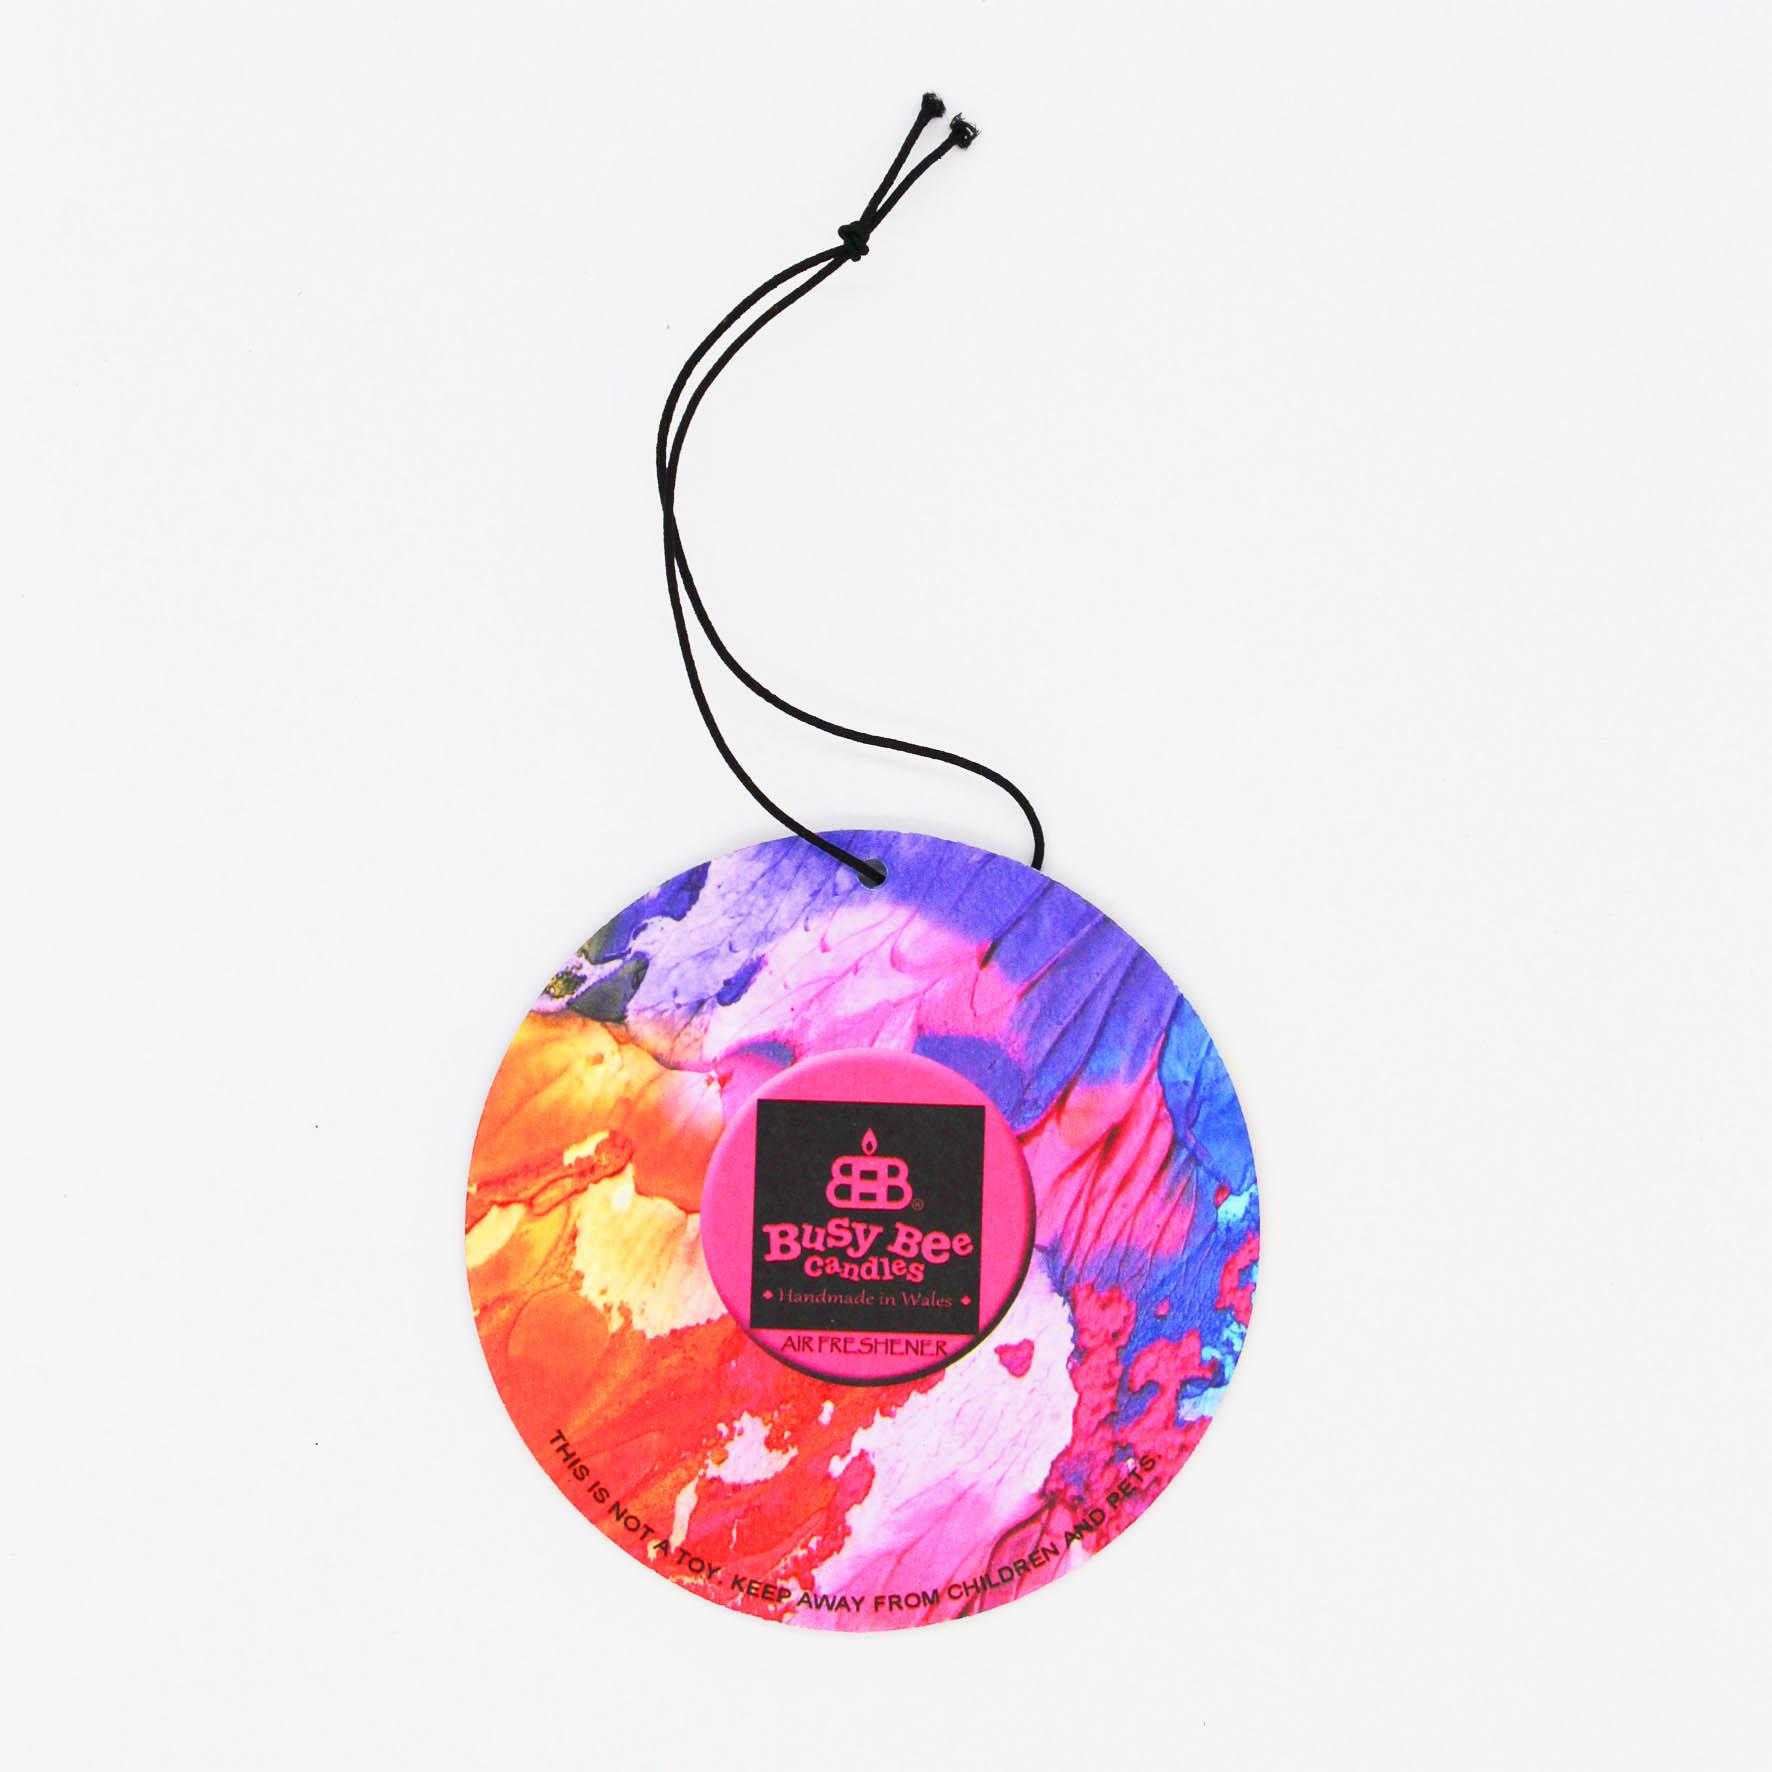 Black Cherry Hanging Air Freshener